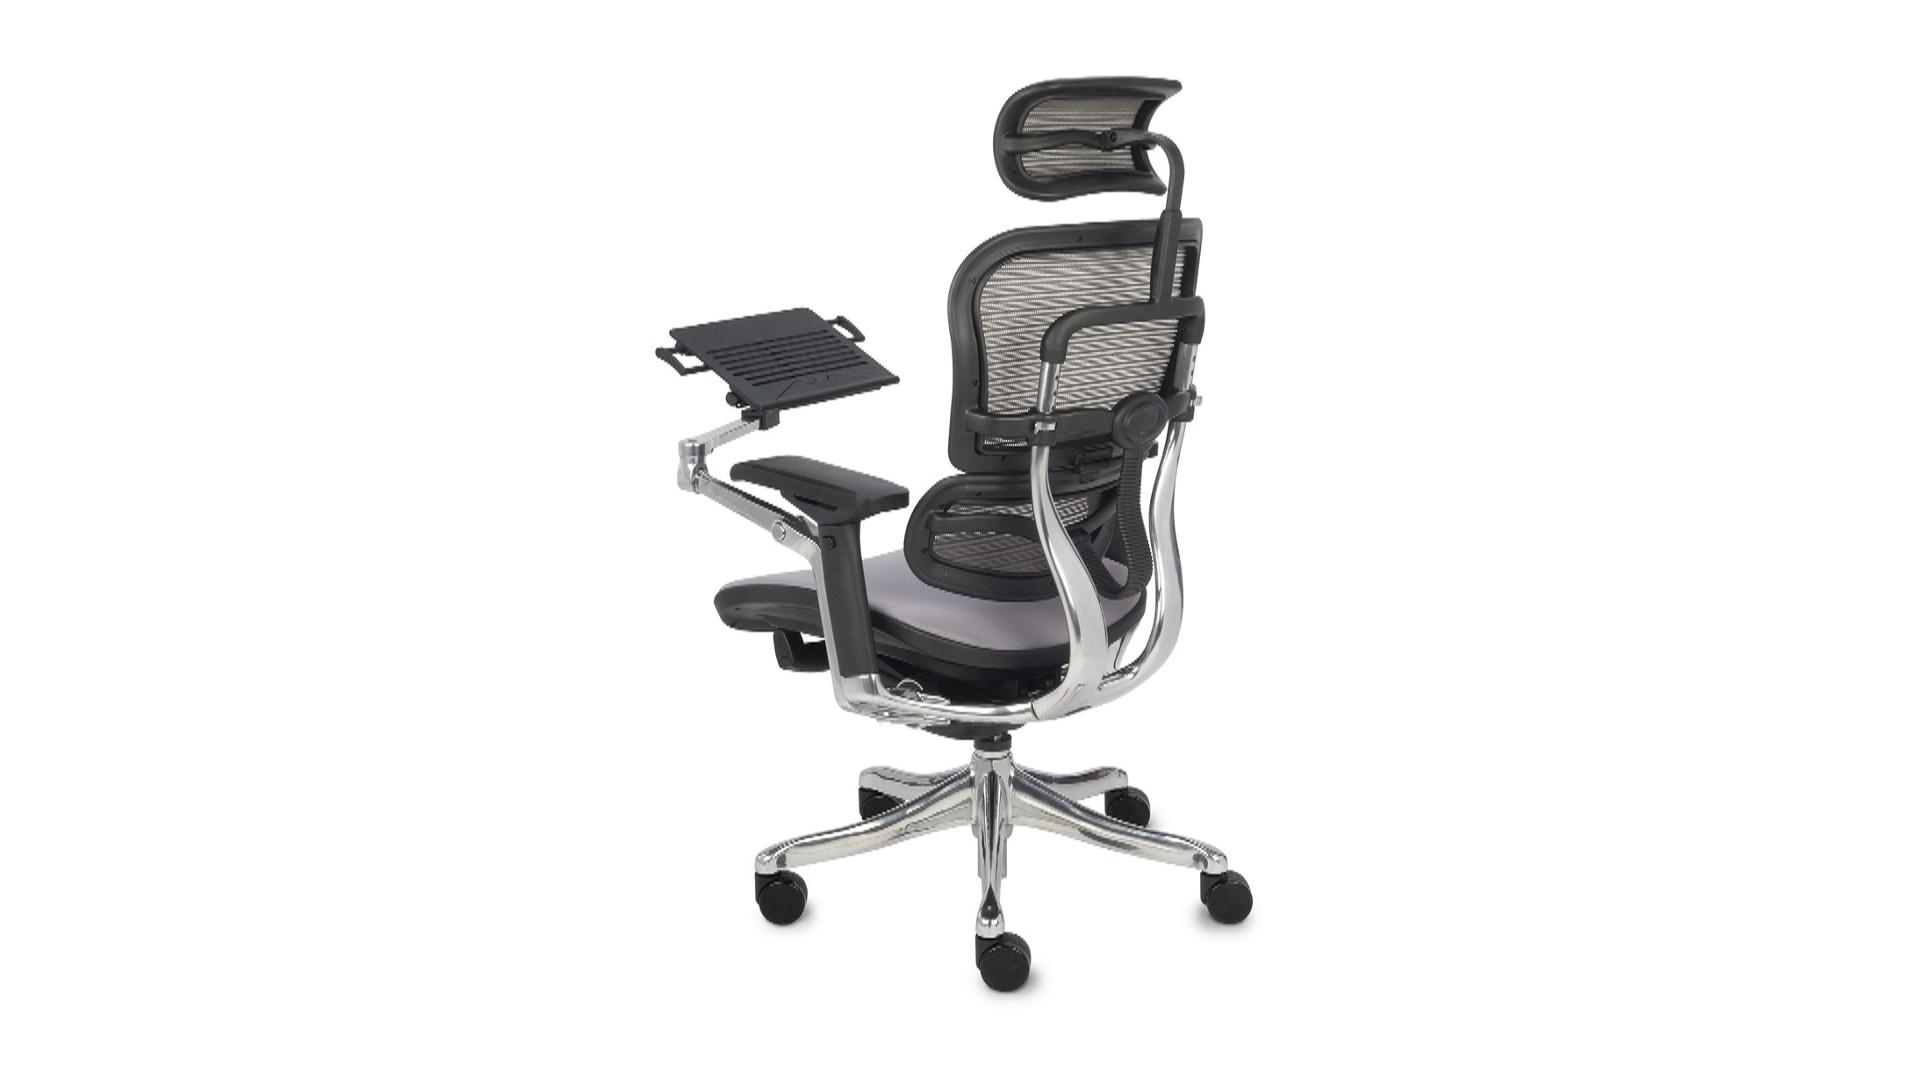 Ergonomiczny Fotel Biurowy Do Pracy W Domu Jak Wybrać